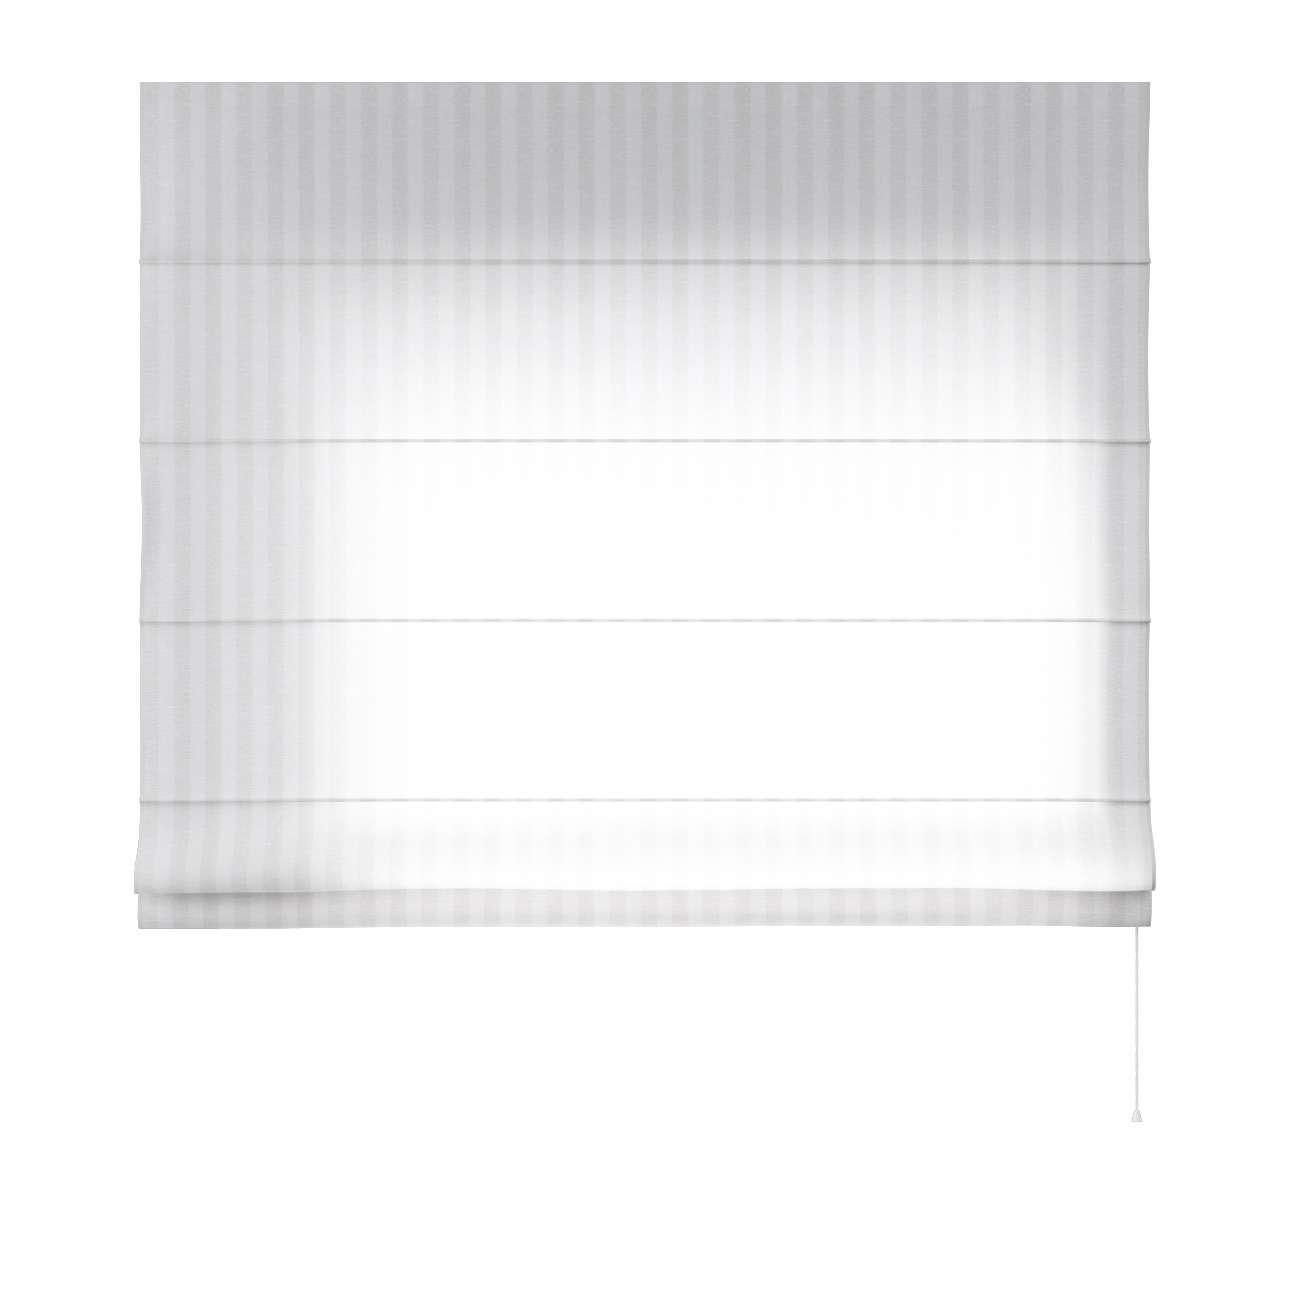 Romanetės Capri 80 x 170 cm (plotis x ilgis) kolekcijoje Linen , audinys: 392-03